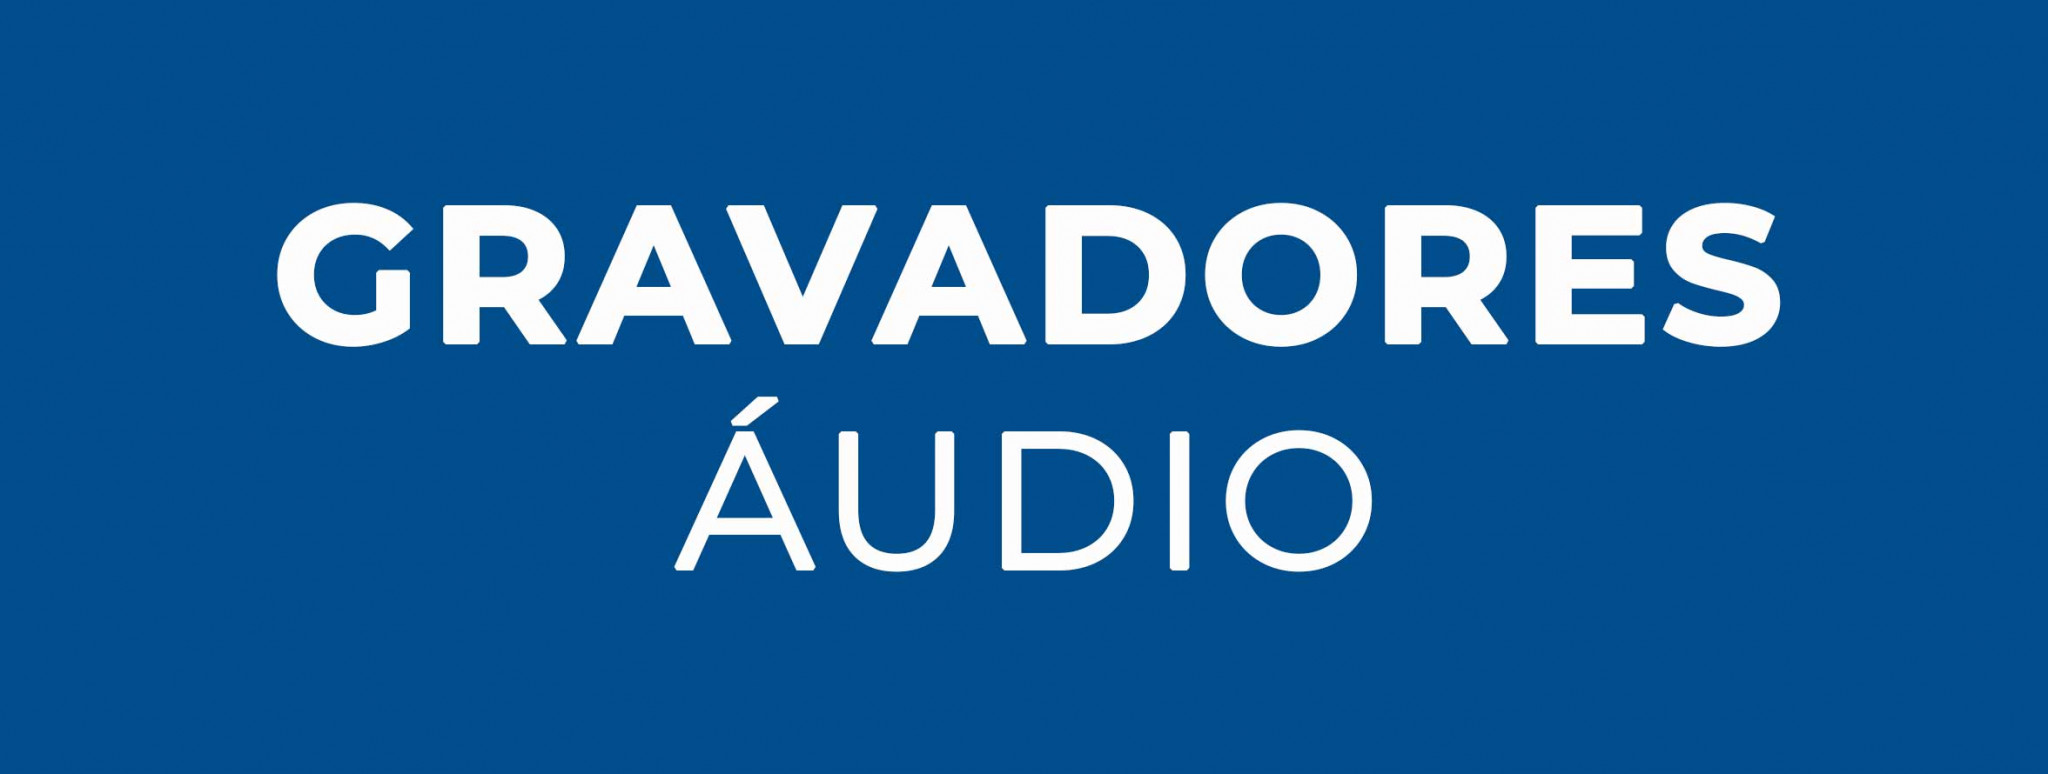 Gravadores Áudio